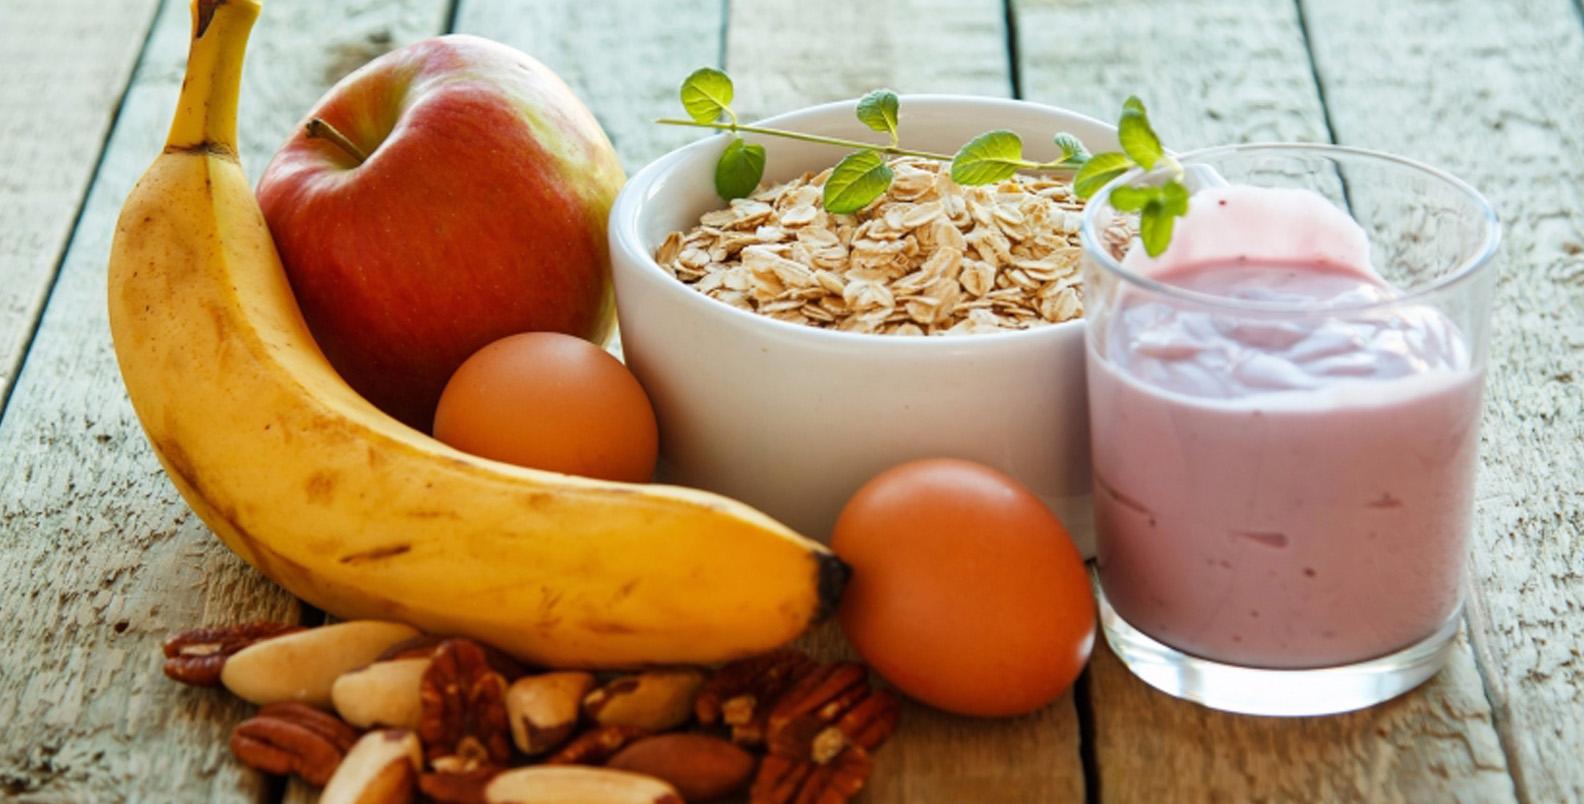 غذاهایی برای کمک به آرامش قبل از خواب